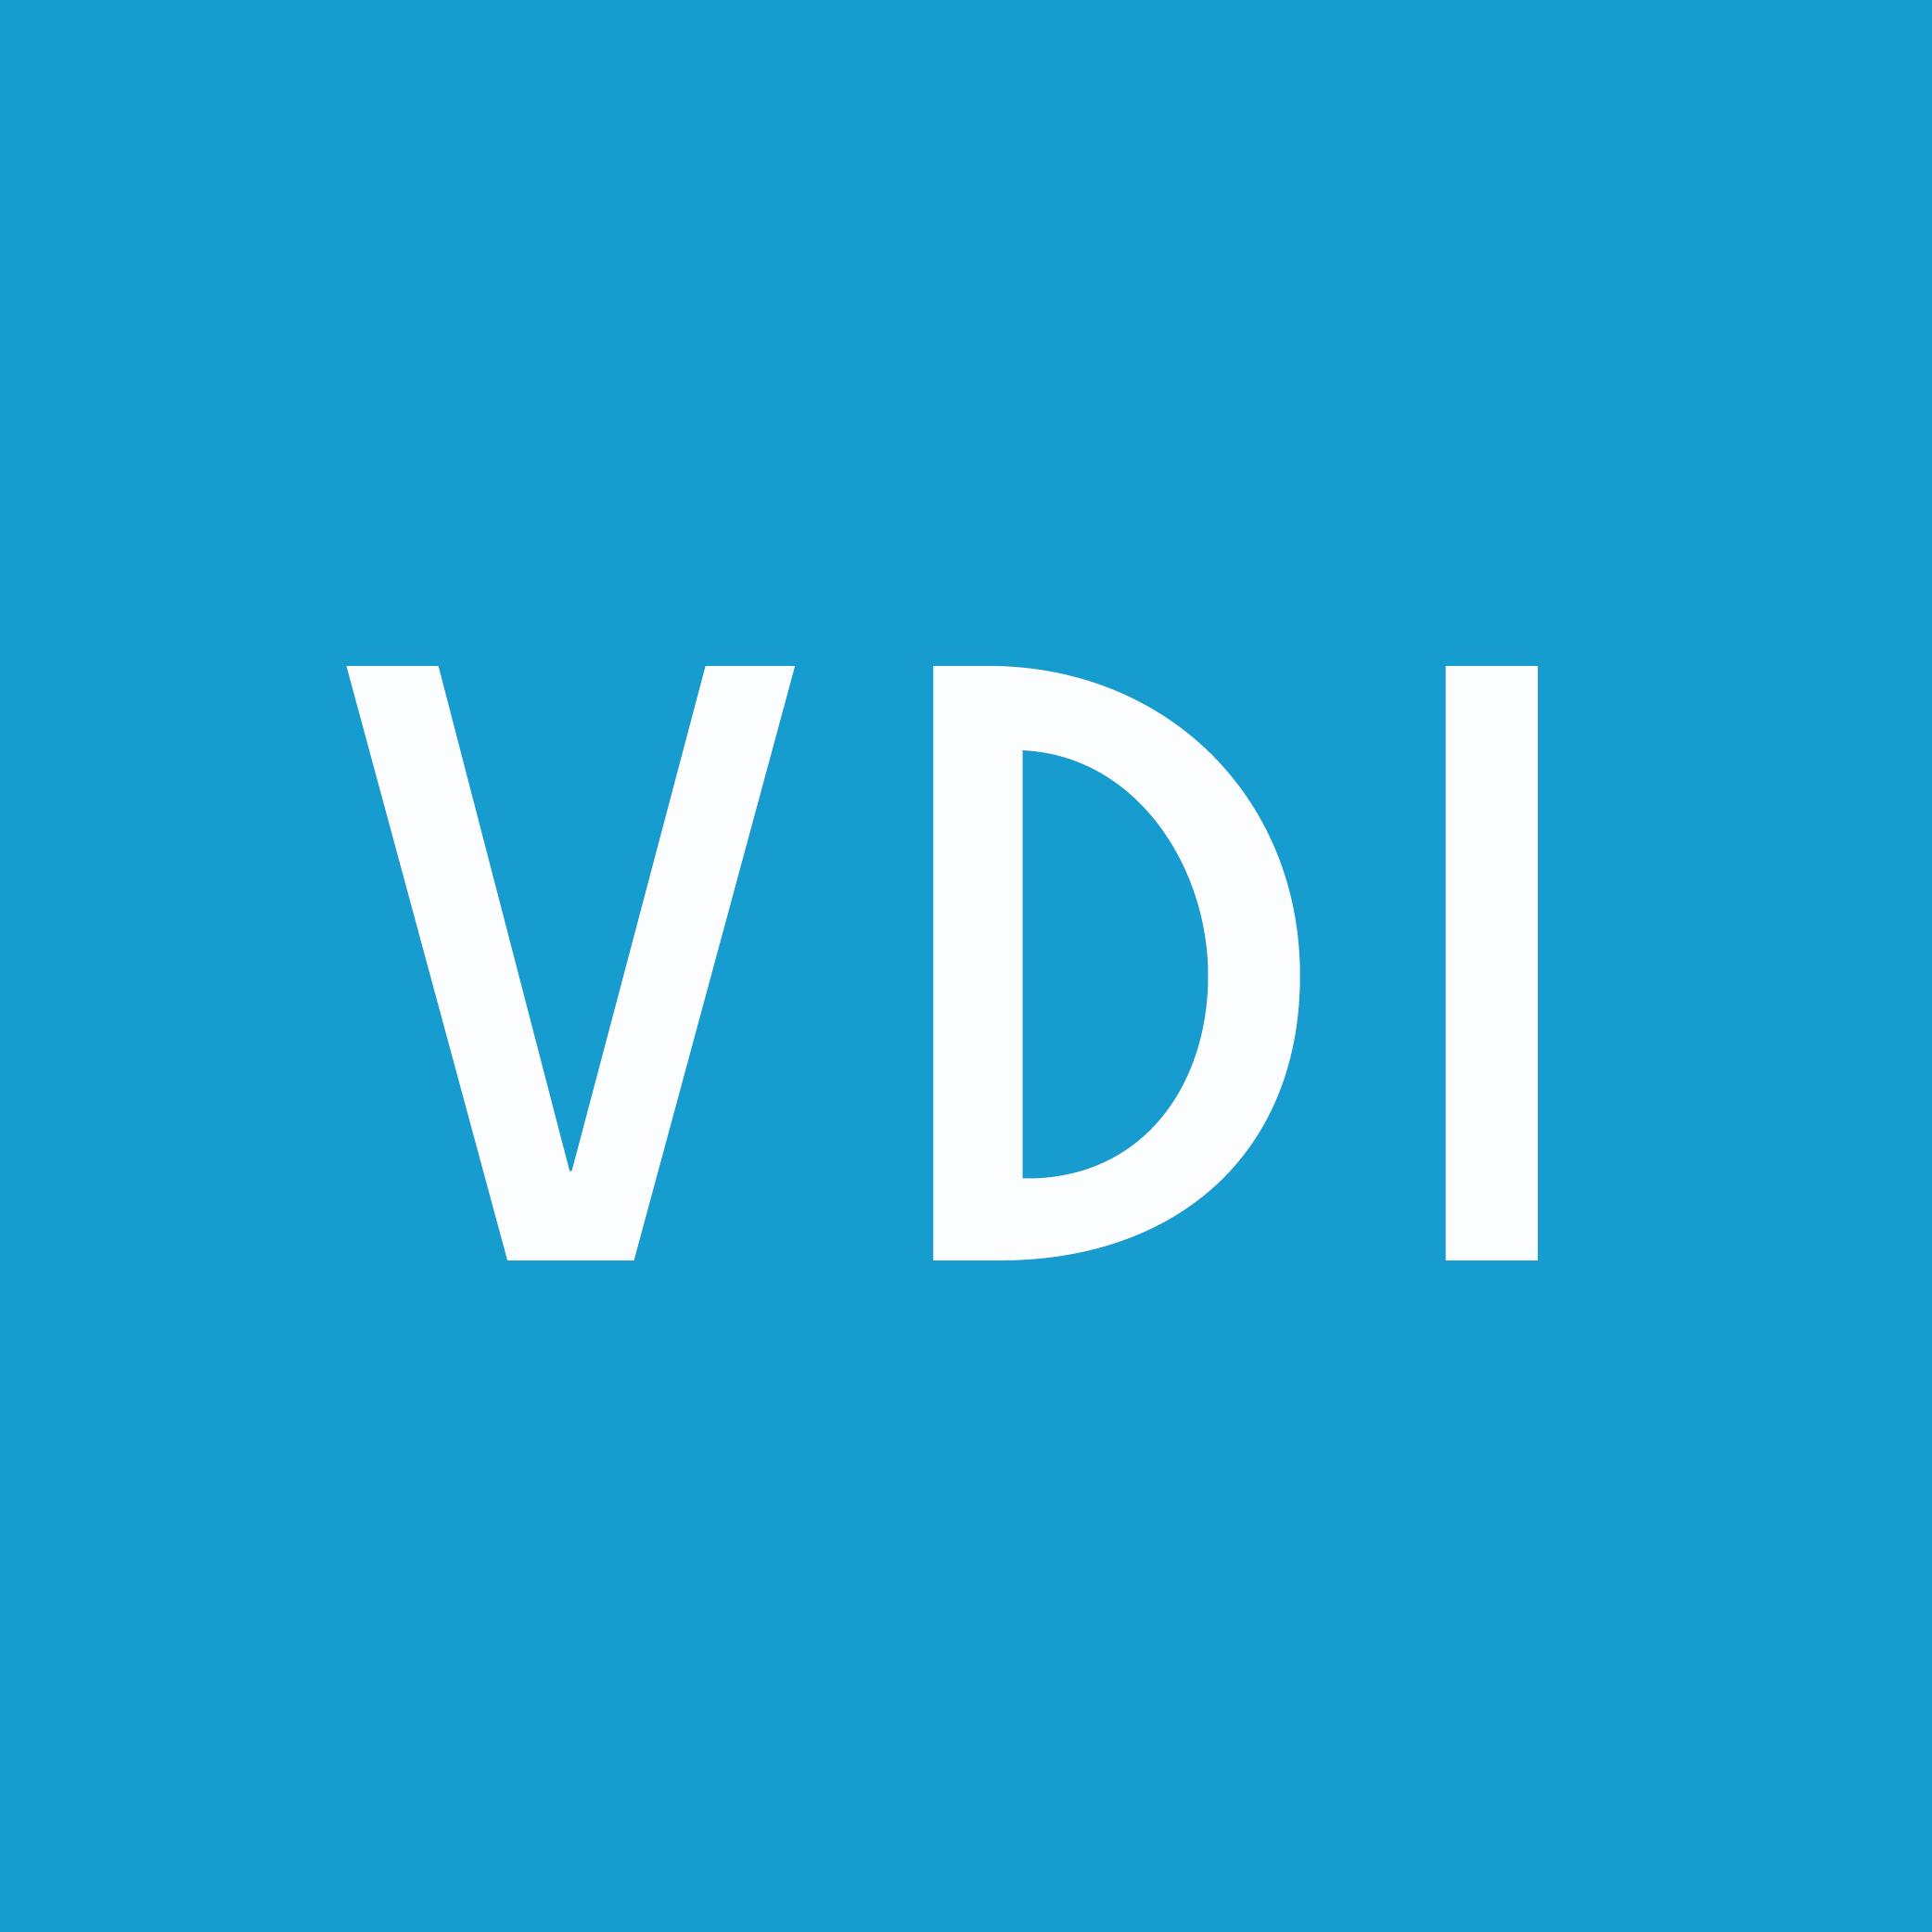 VDI Bezirksverein Niederrhein